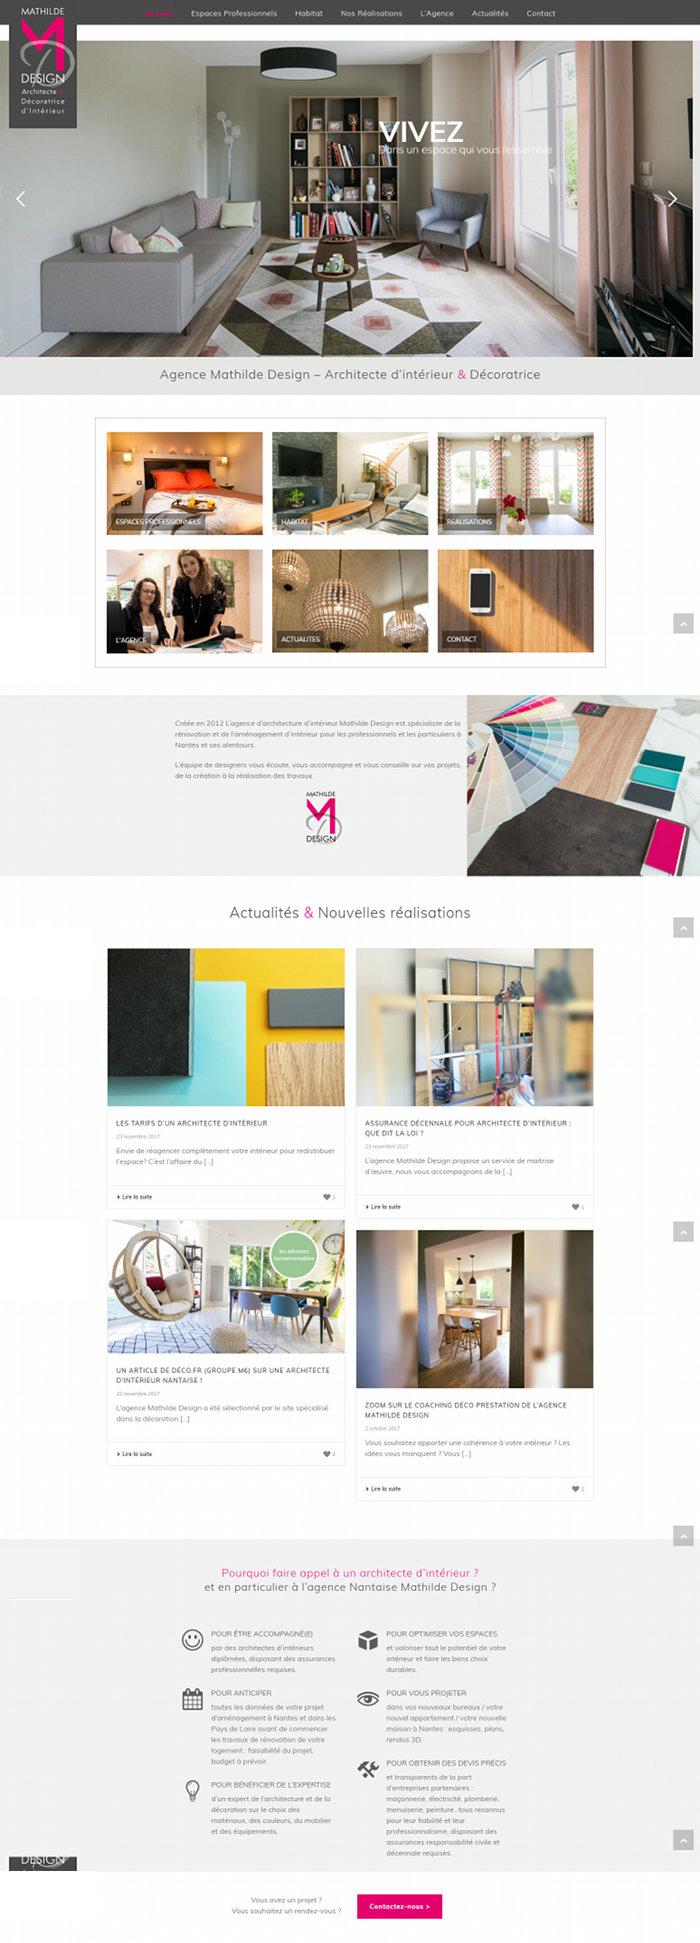 Site Architecte interieur Nantes Mathilde Design